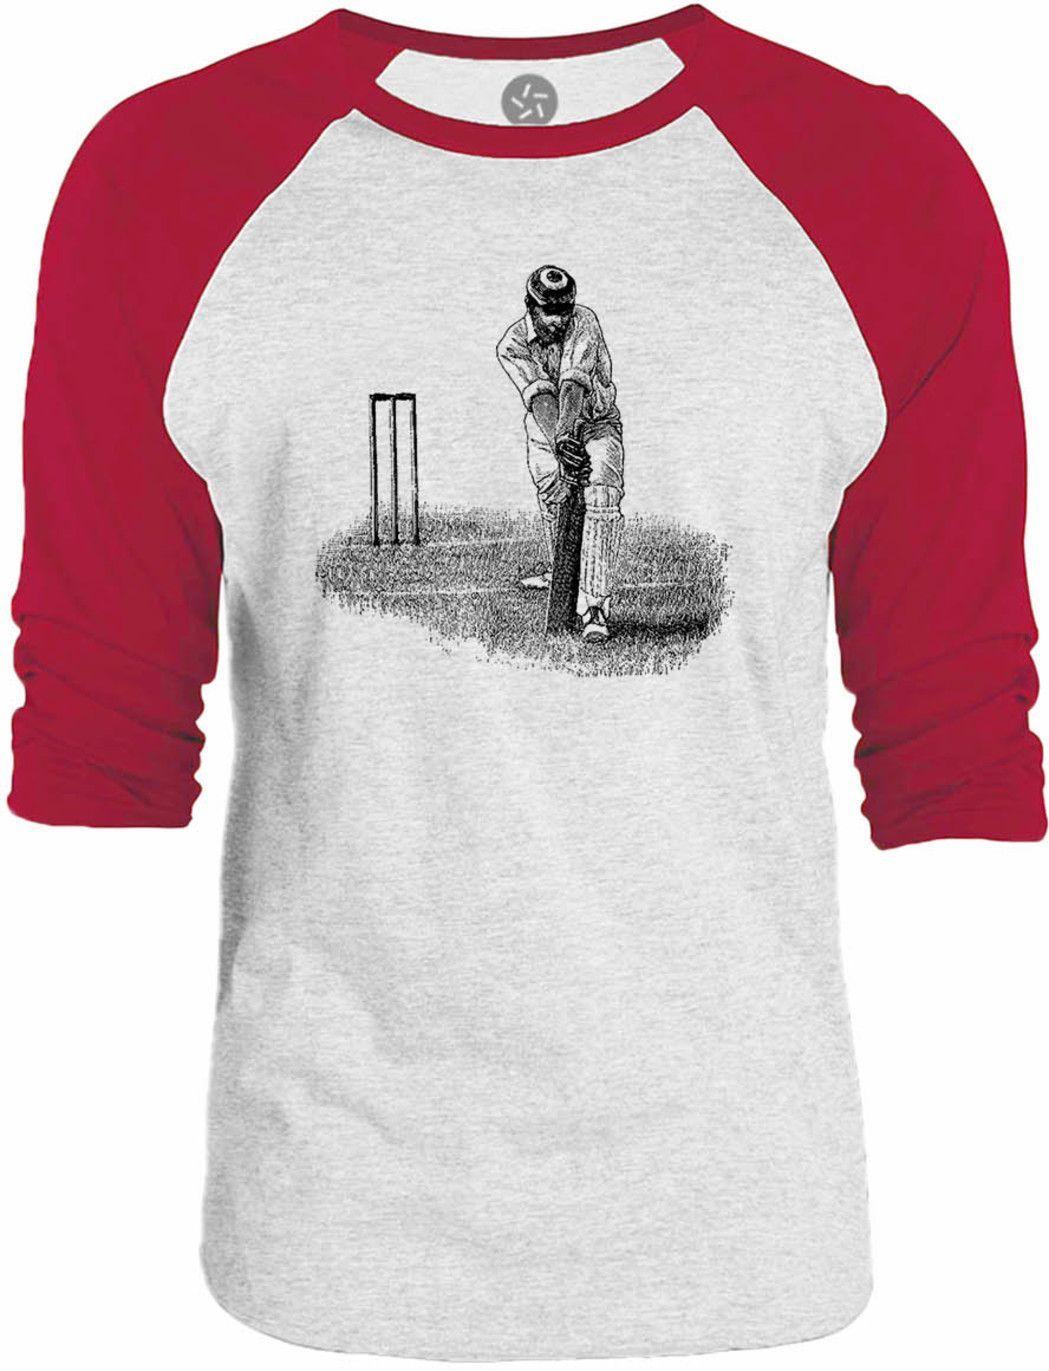 Big Texas Cricket Shot 3/4-Sleeve Raglan Baseball T-Shirt